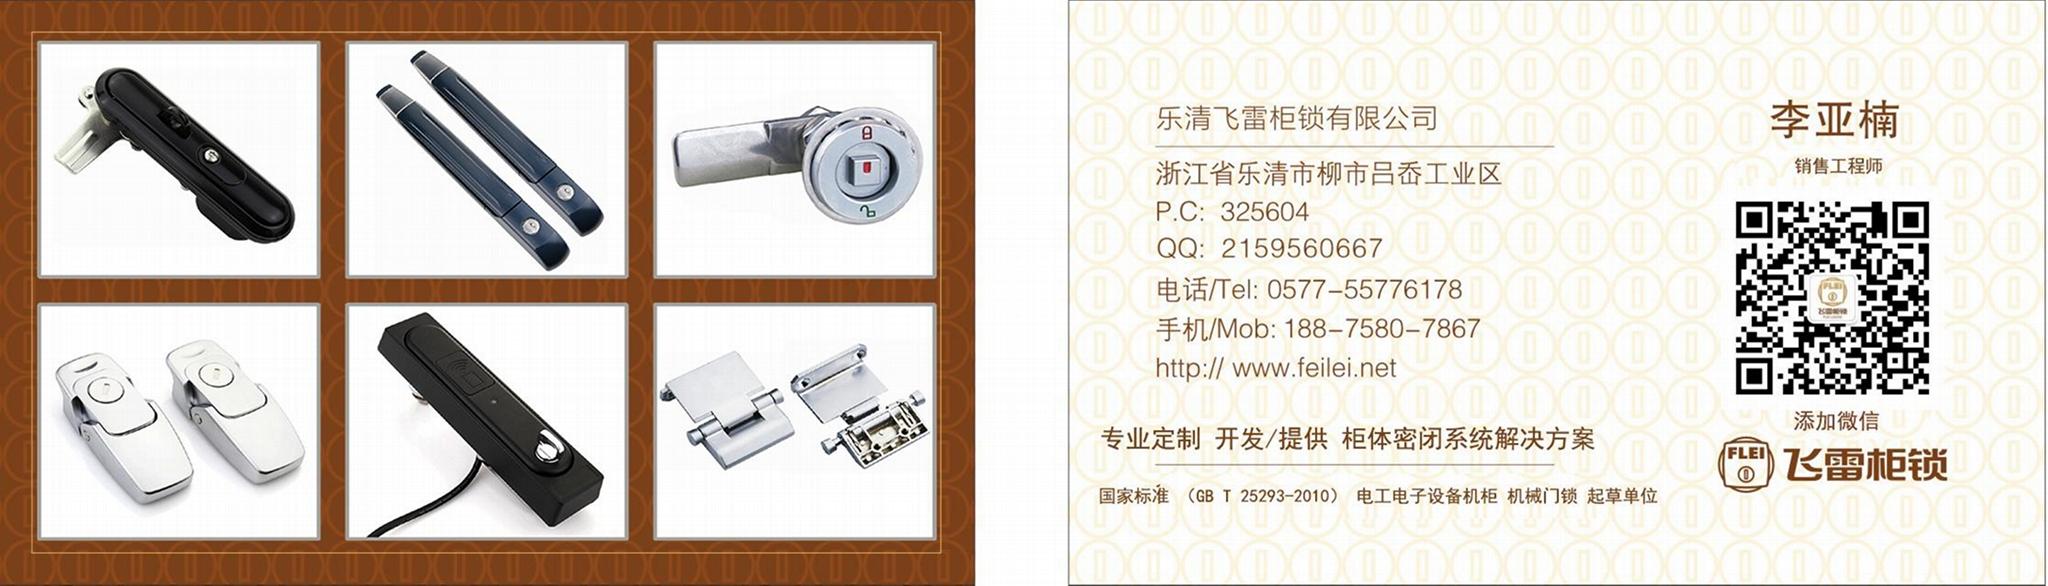 飛雷fl80-1門限器 5